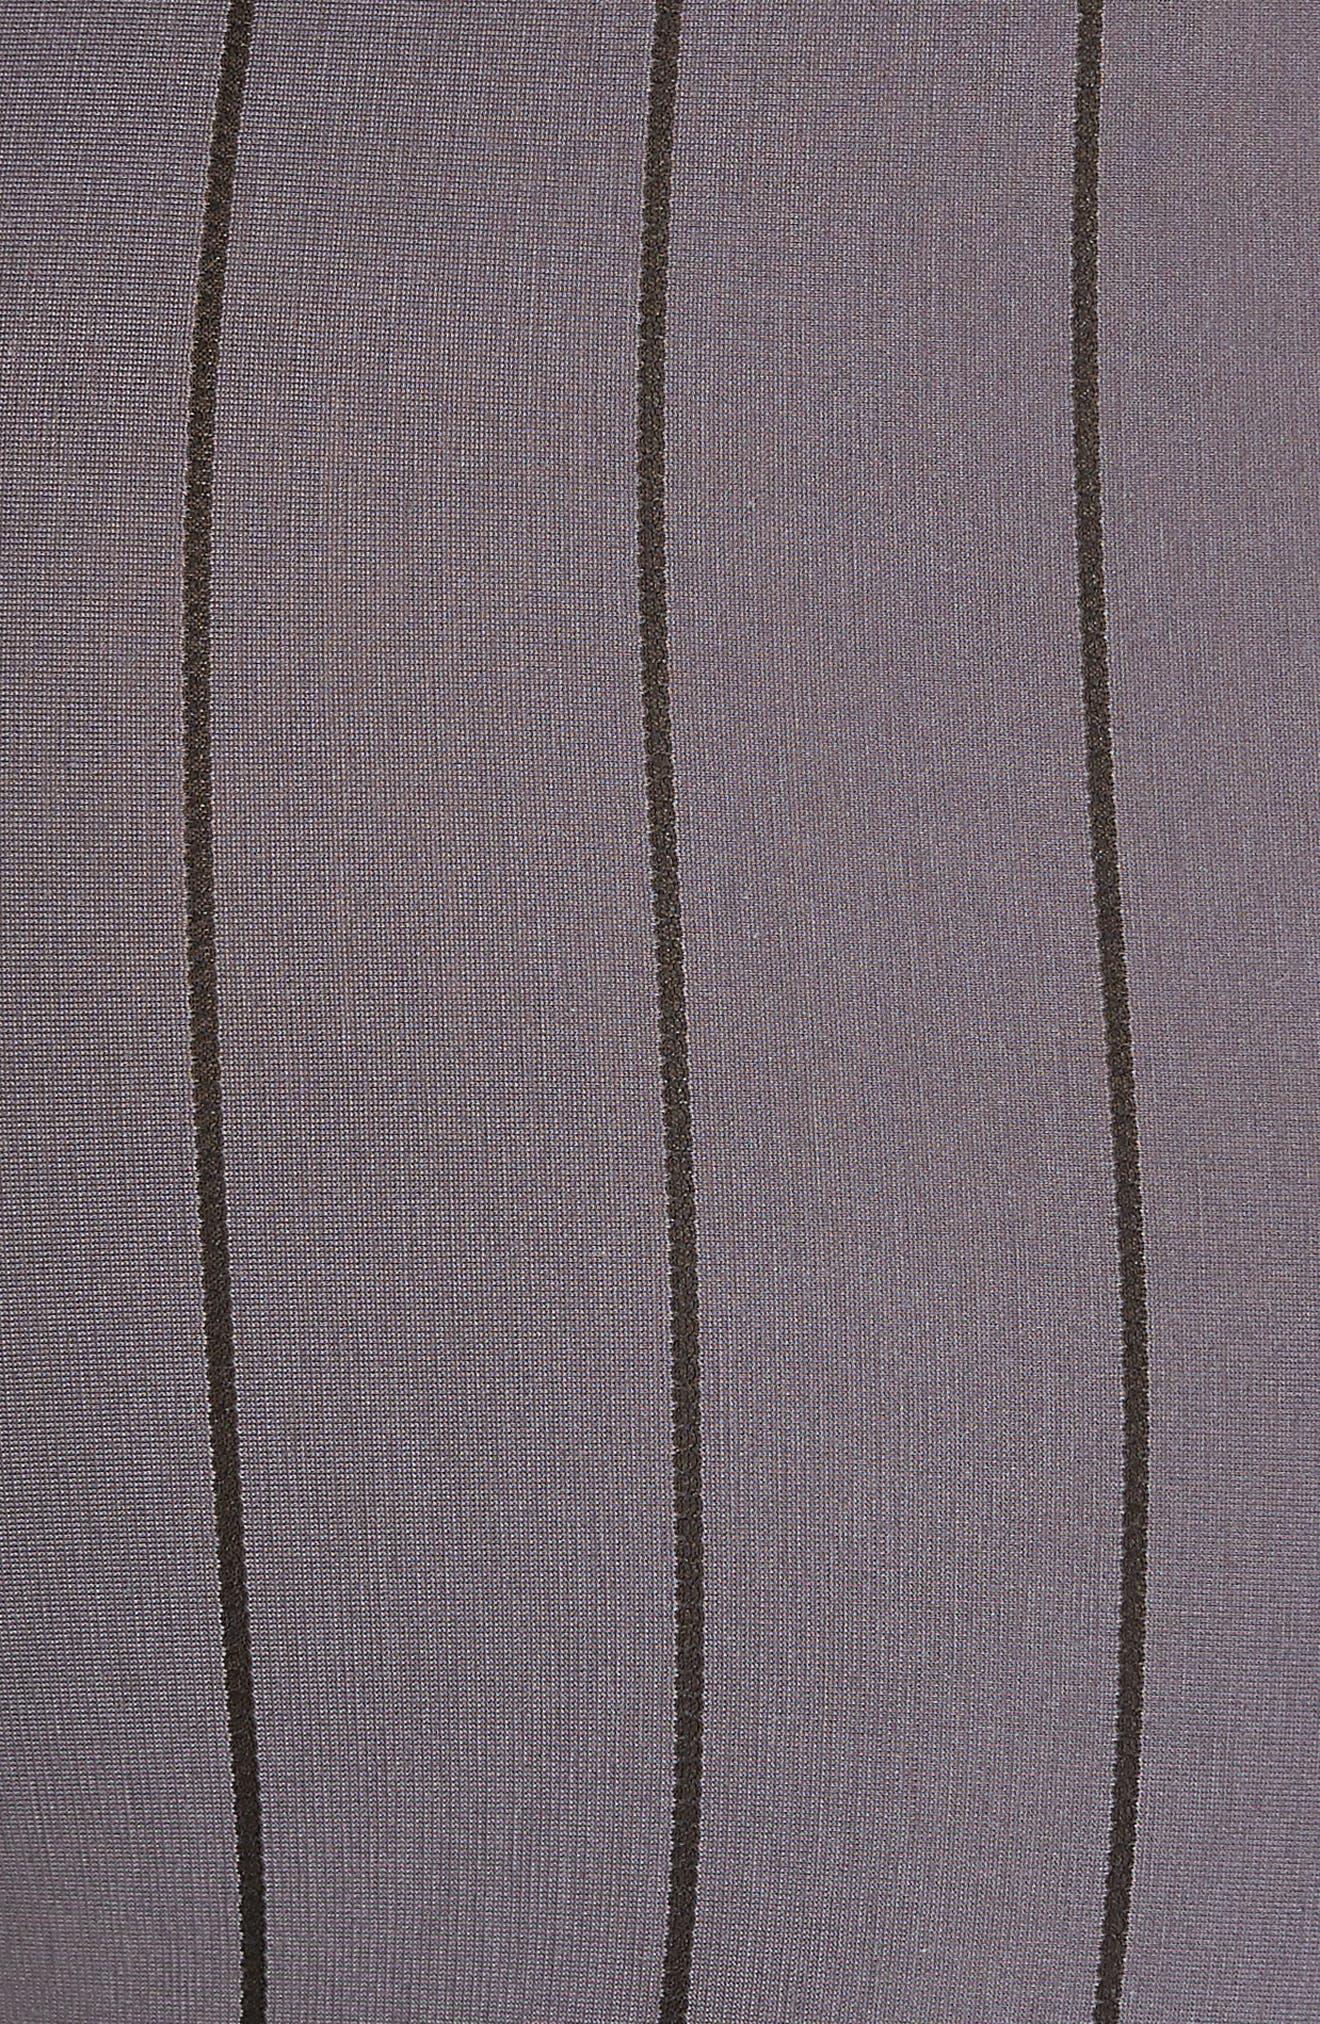 Shadow Cotton Blend Boxer Briefs,                             Alternate thumbnail 5, color,                             EBONY